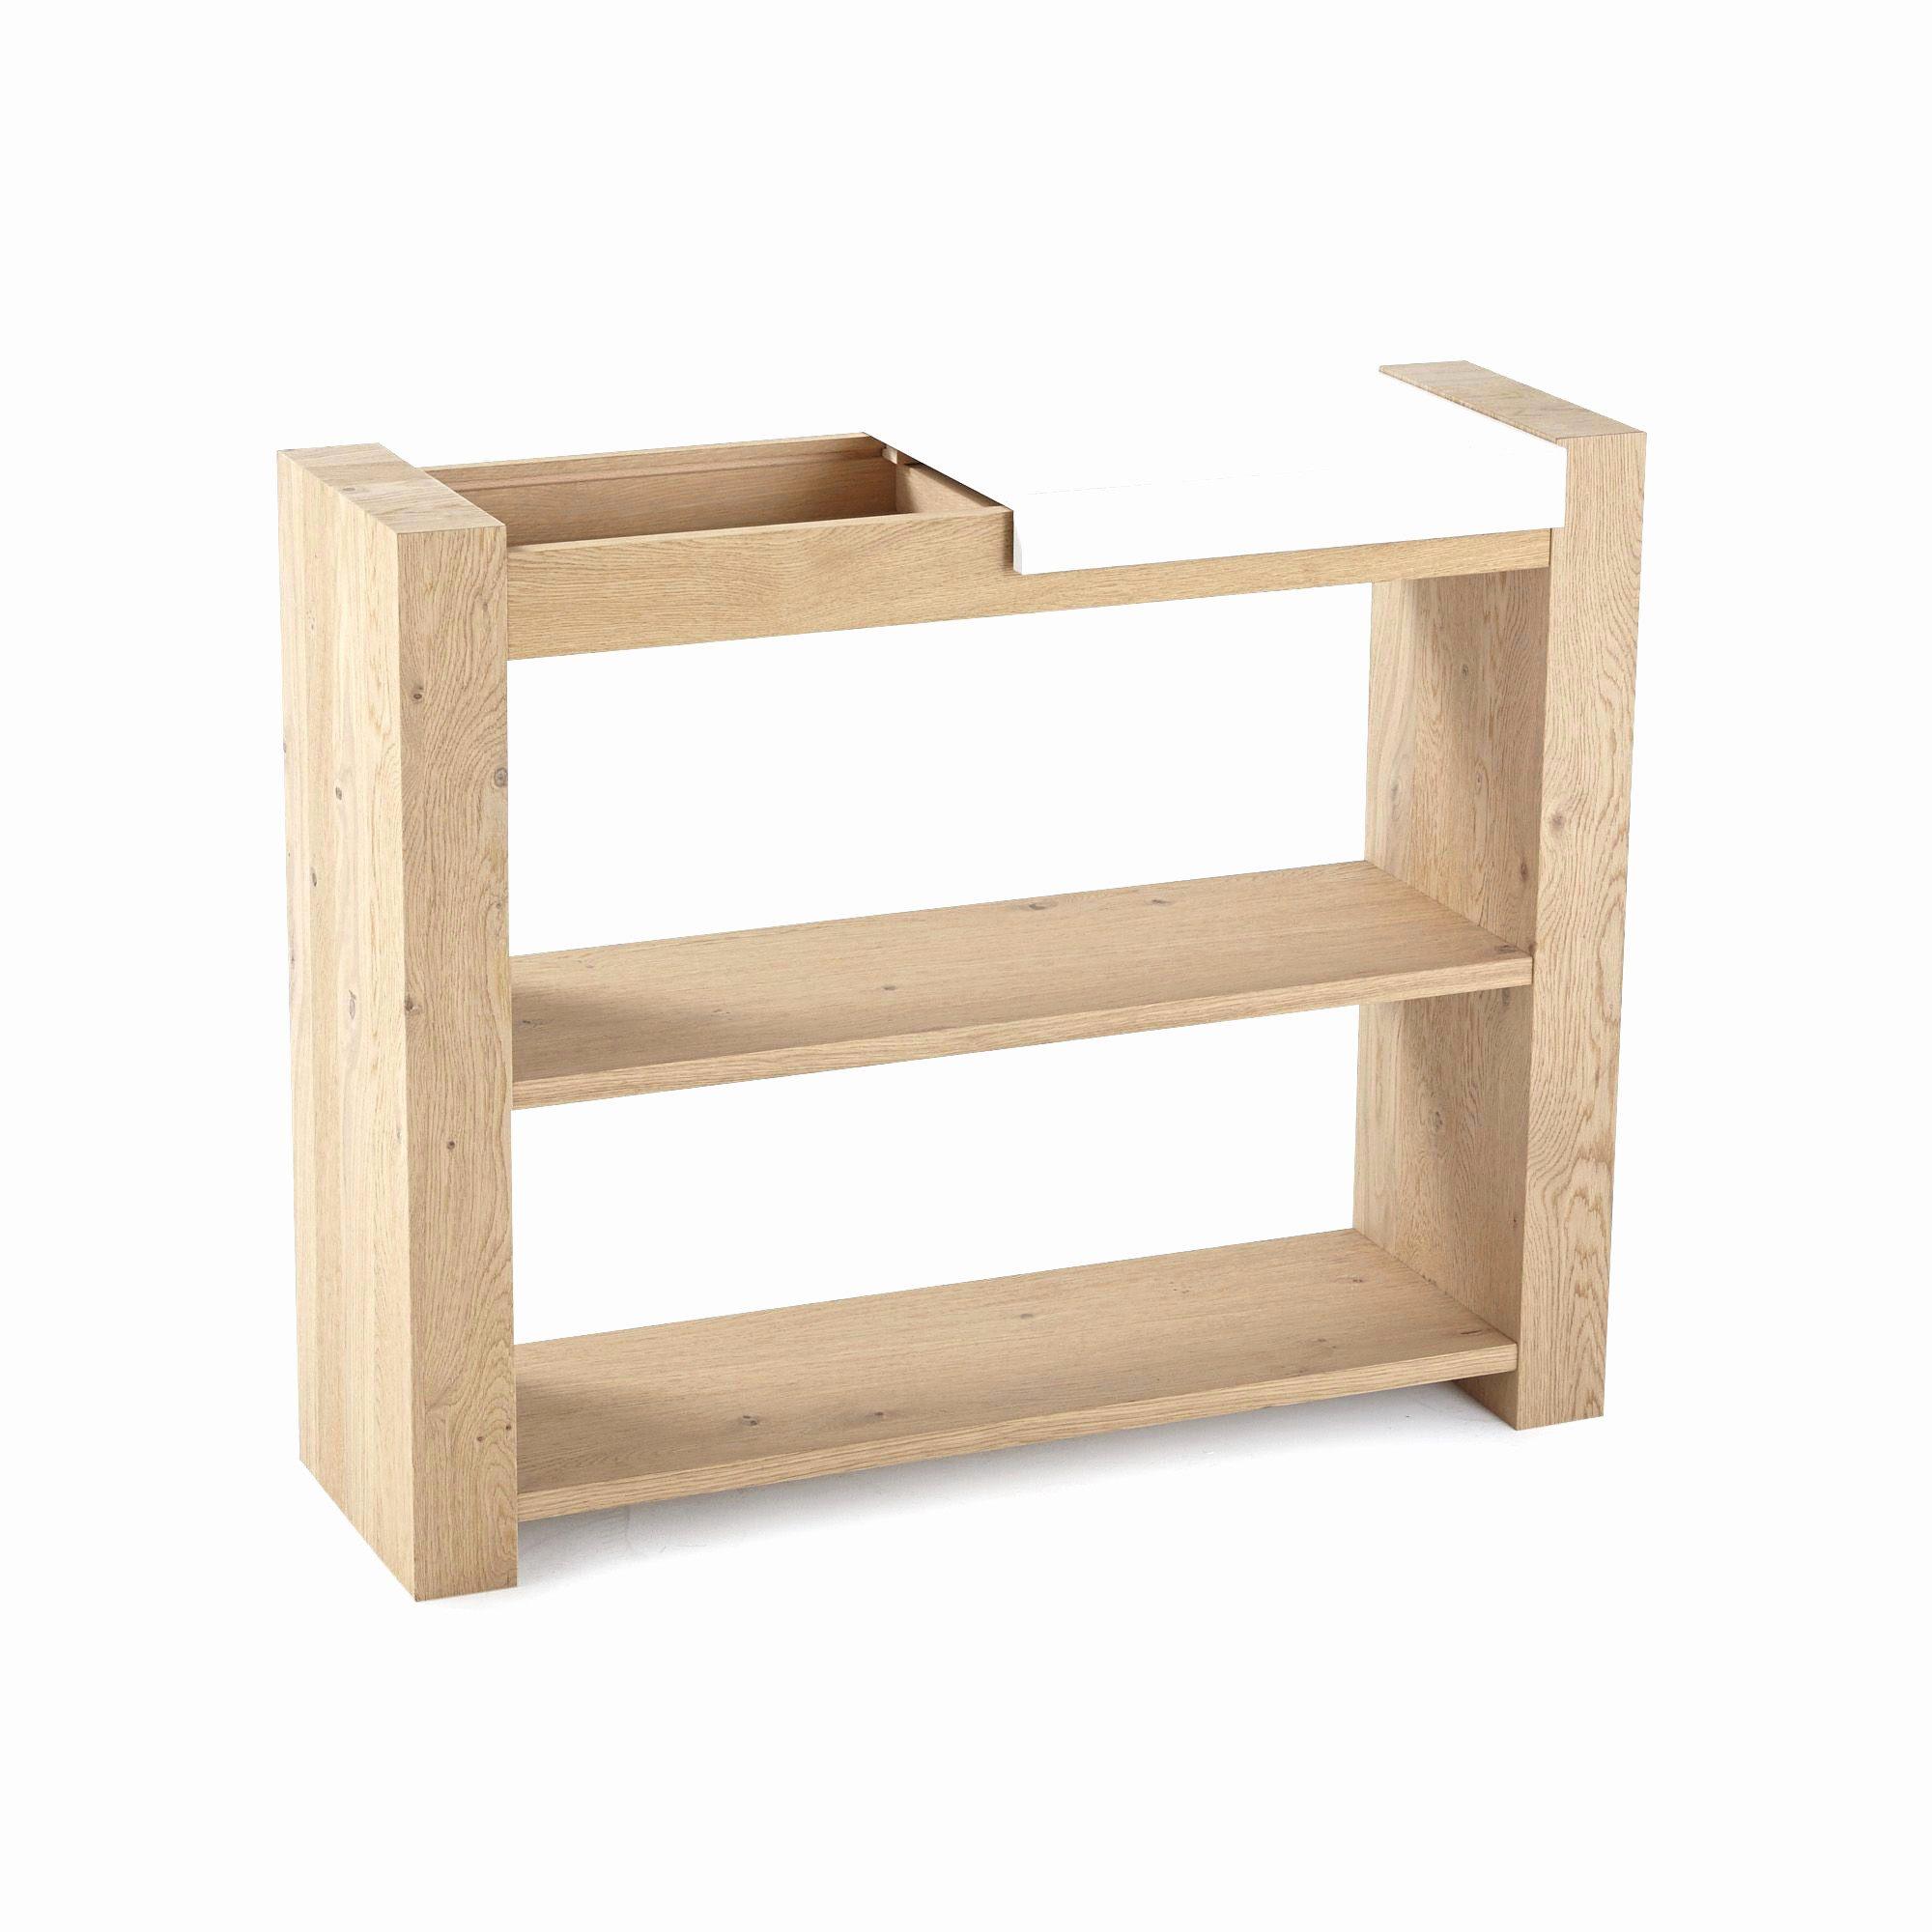 Tente de lit pas cher l gant meuble petit prix r sultat sup rieur meuble pas cher beau petit - Avis beaux meubles pas cher com ...